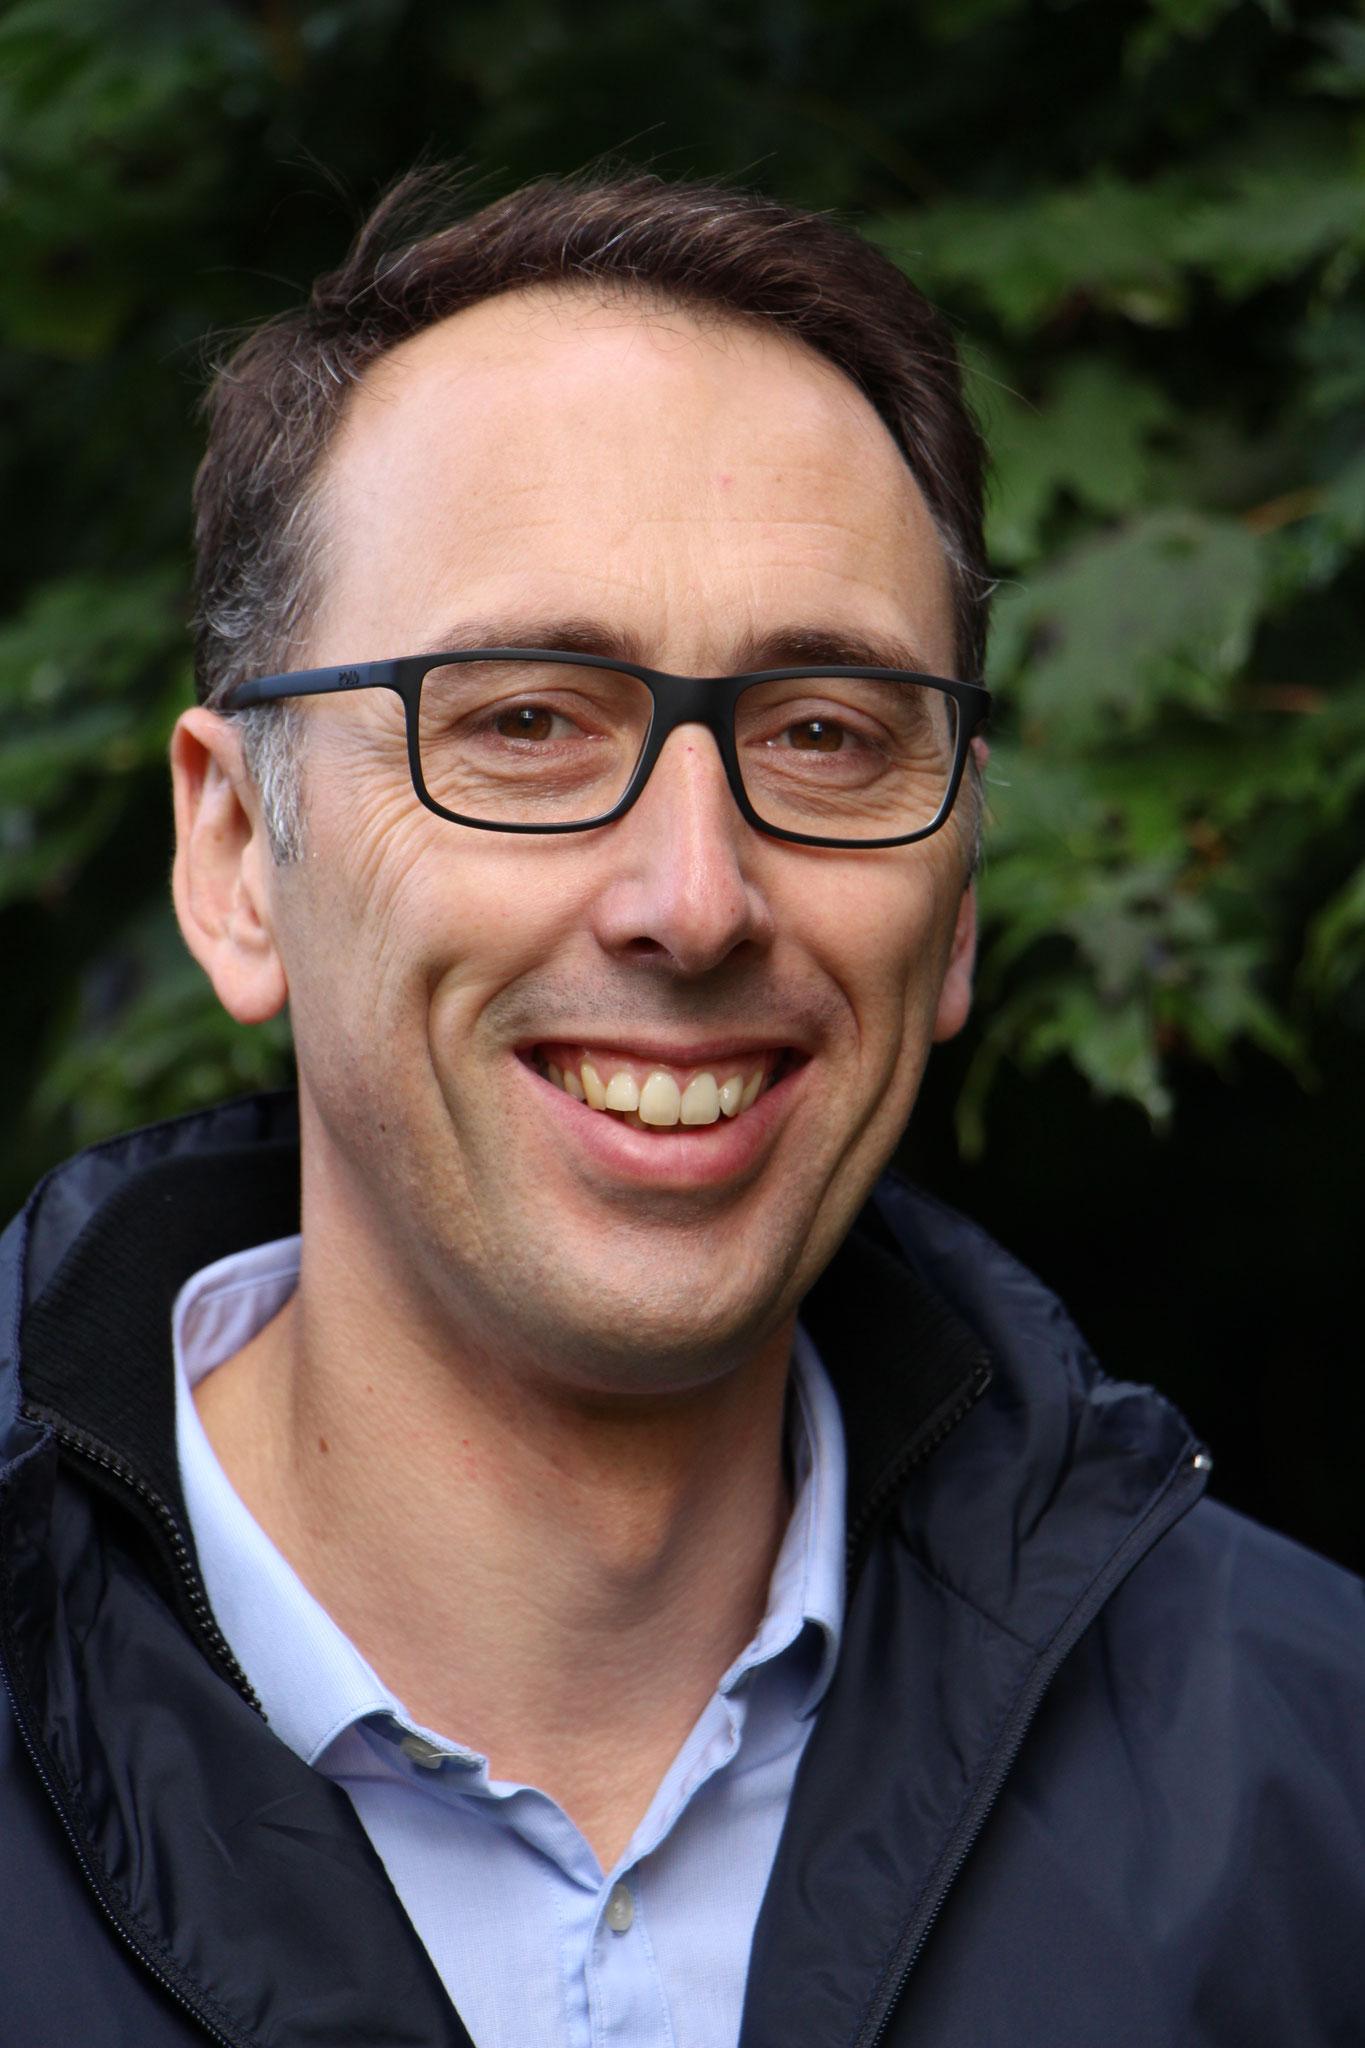 Benoit Mouchel-Drillot, 40 ans, 2 enfants, quartier la butte à monseigneur